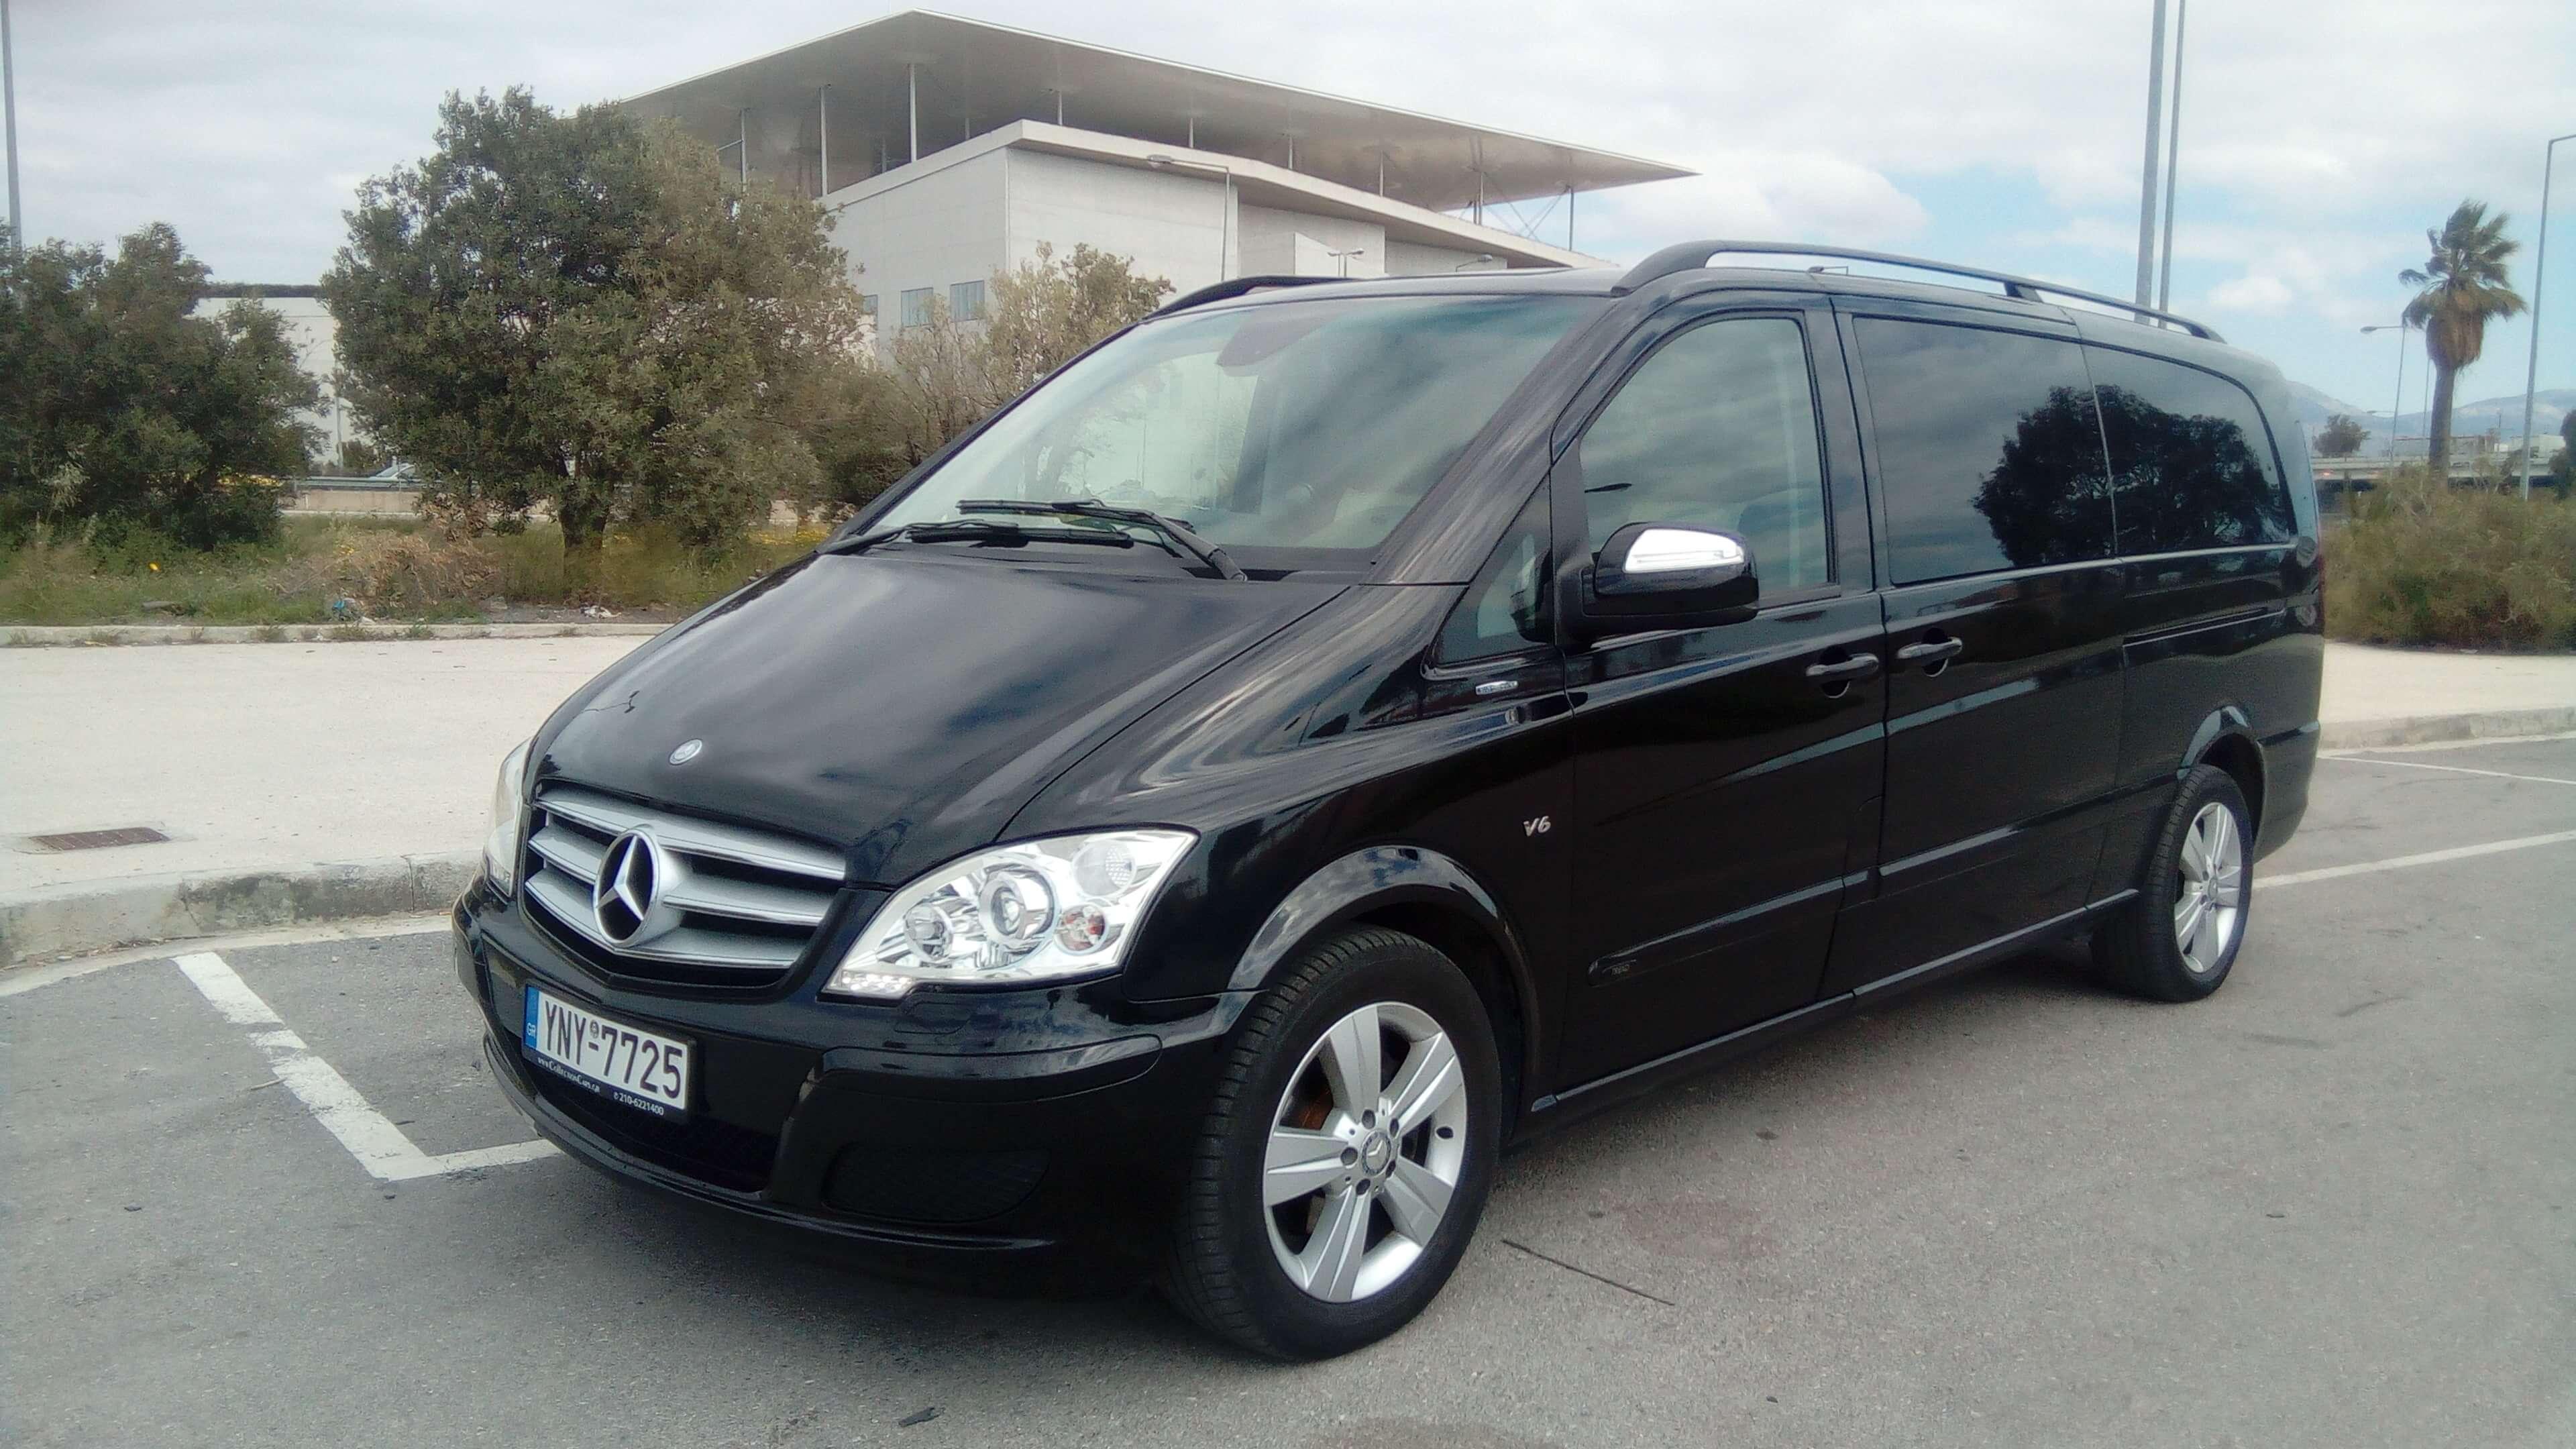 Luxury Minivan - Chauffeur Greece